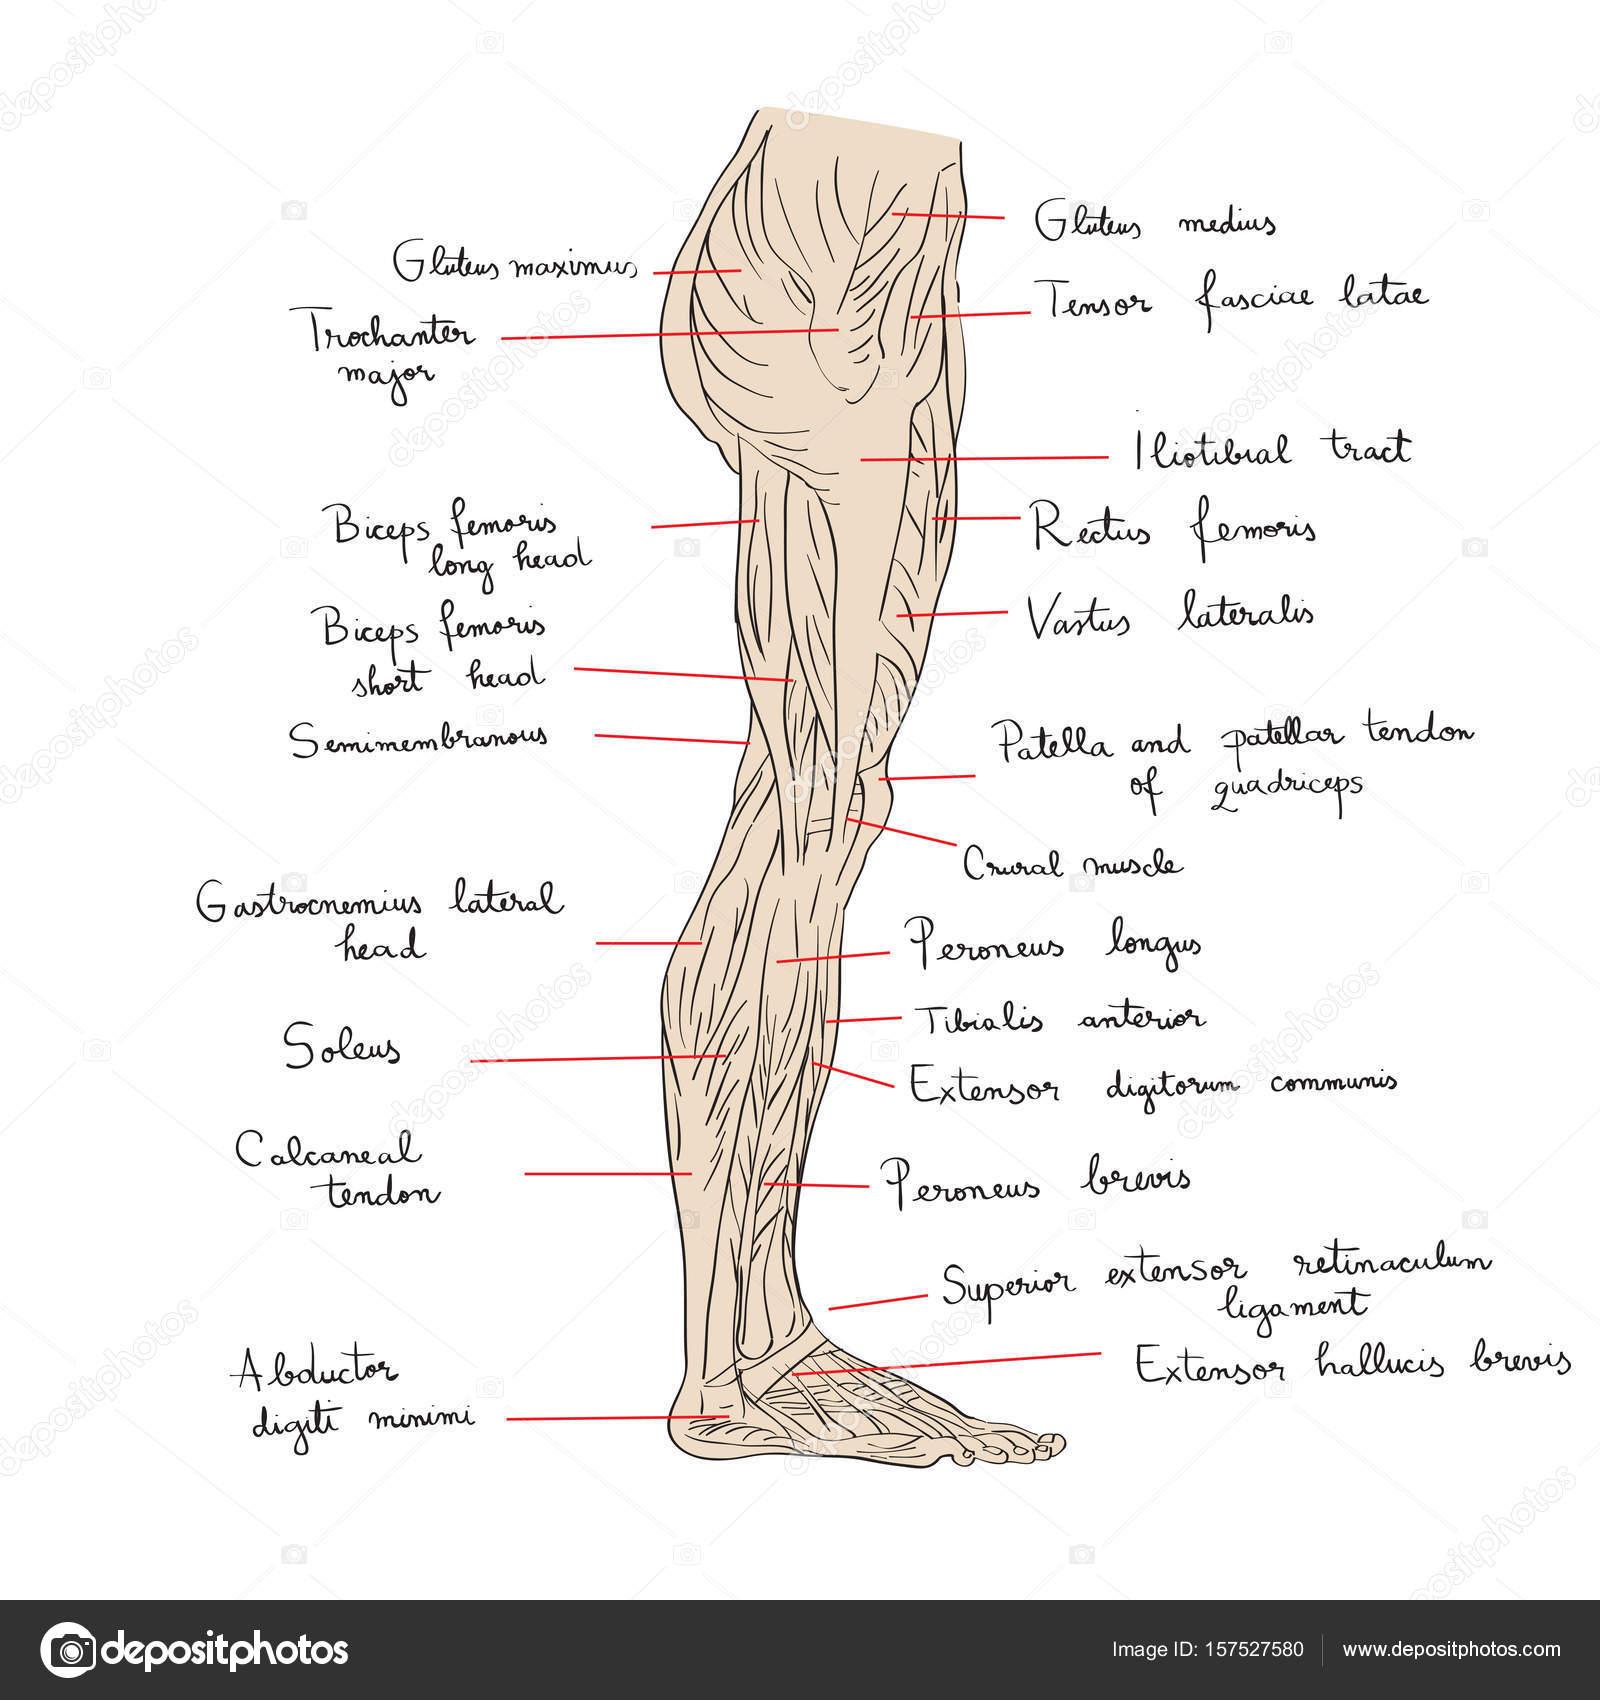 die seitliche Beinmuskulatur text — Stockfoto © richcat #157527580